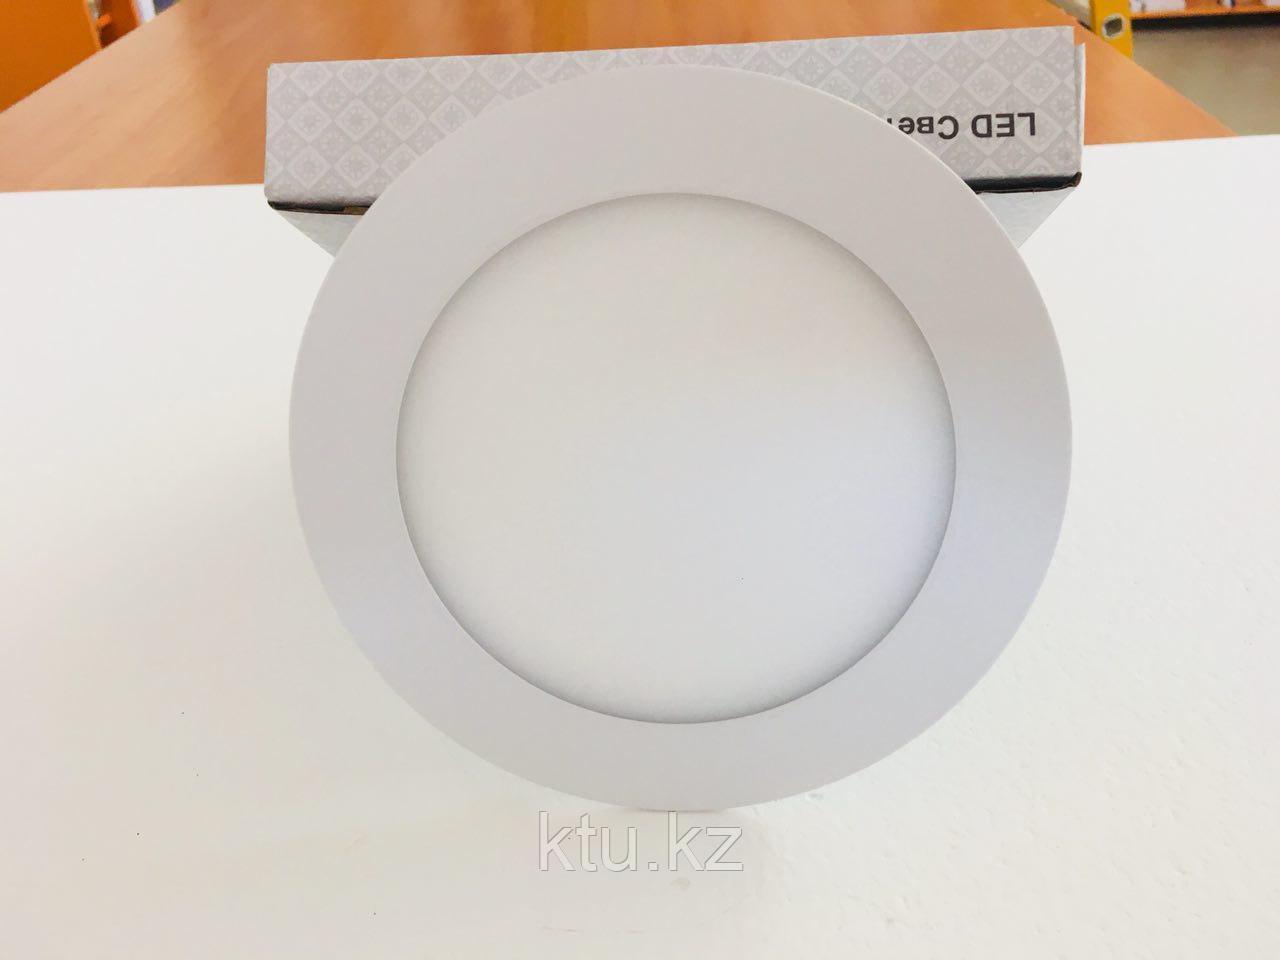 Светильники (споты) для ванной, туалет и кухни JL-F 15W,внутренний 1год гарантия